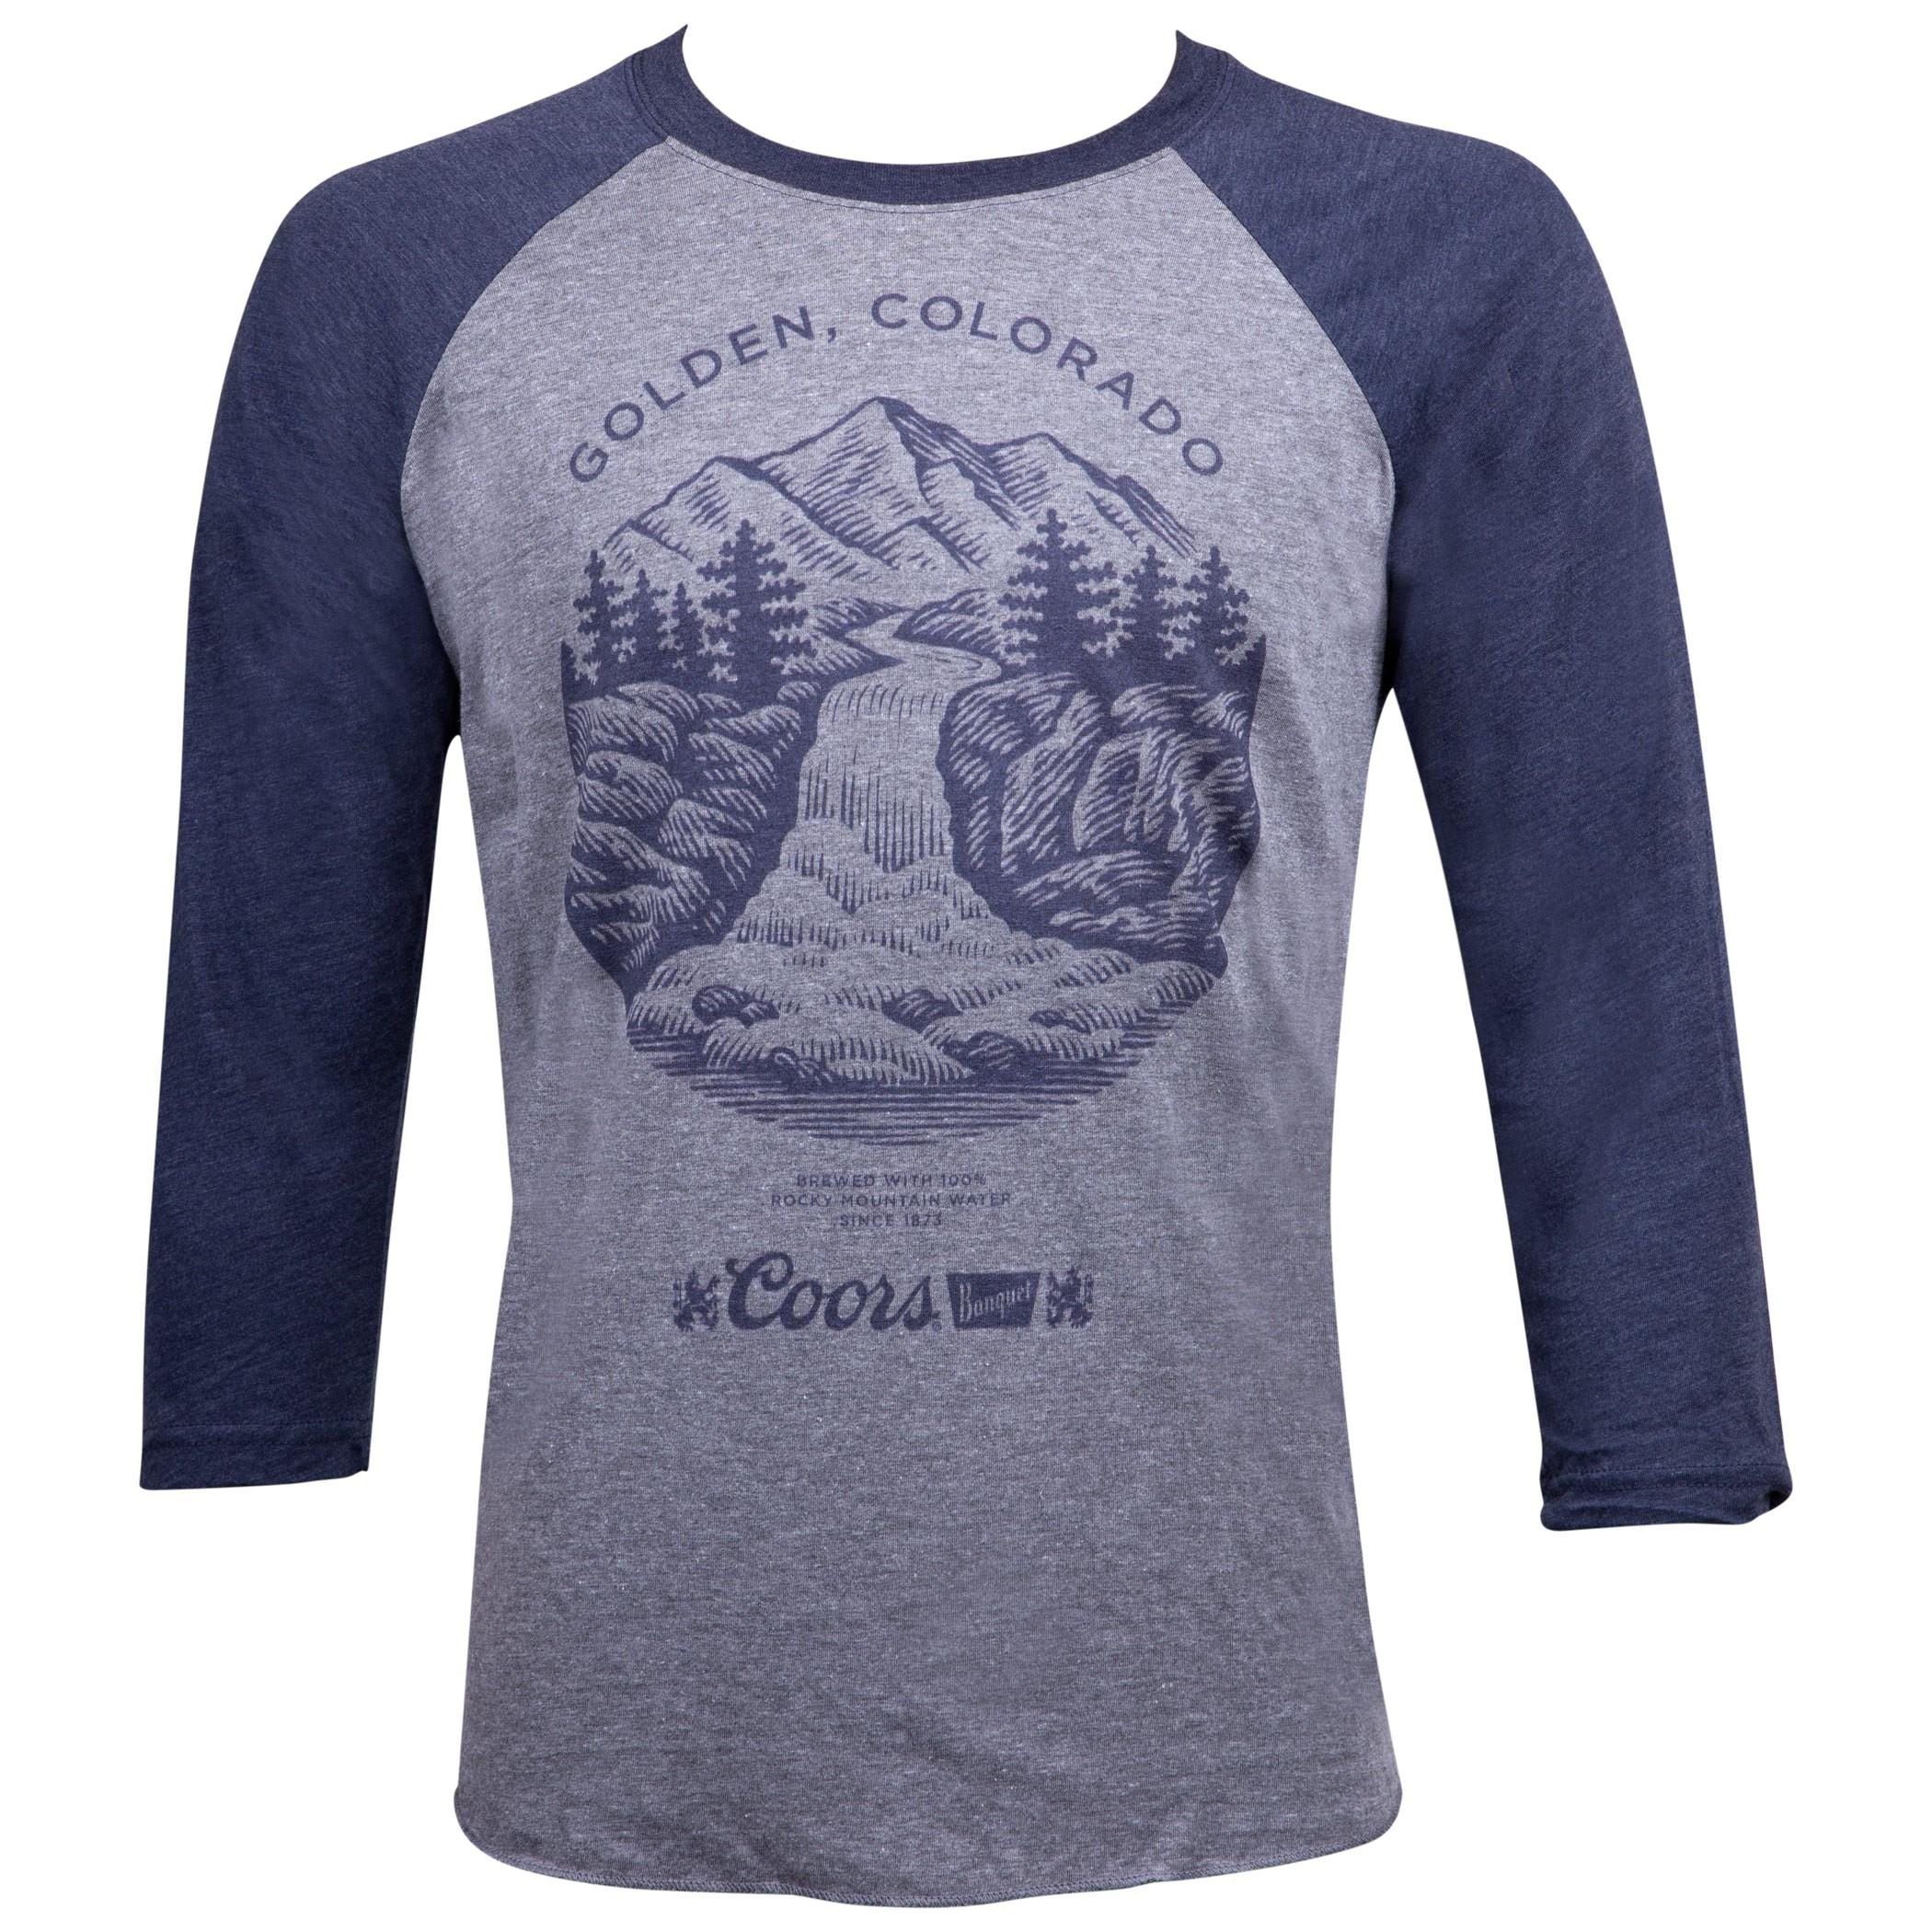 Coors Golden Colorado Raglan Shirt